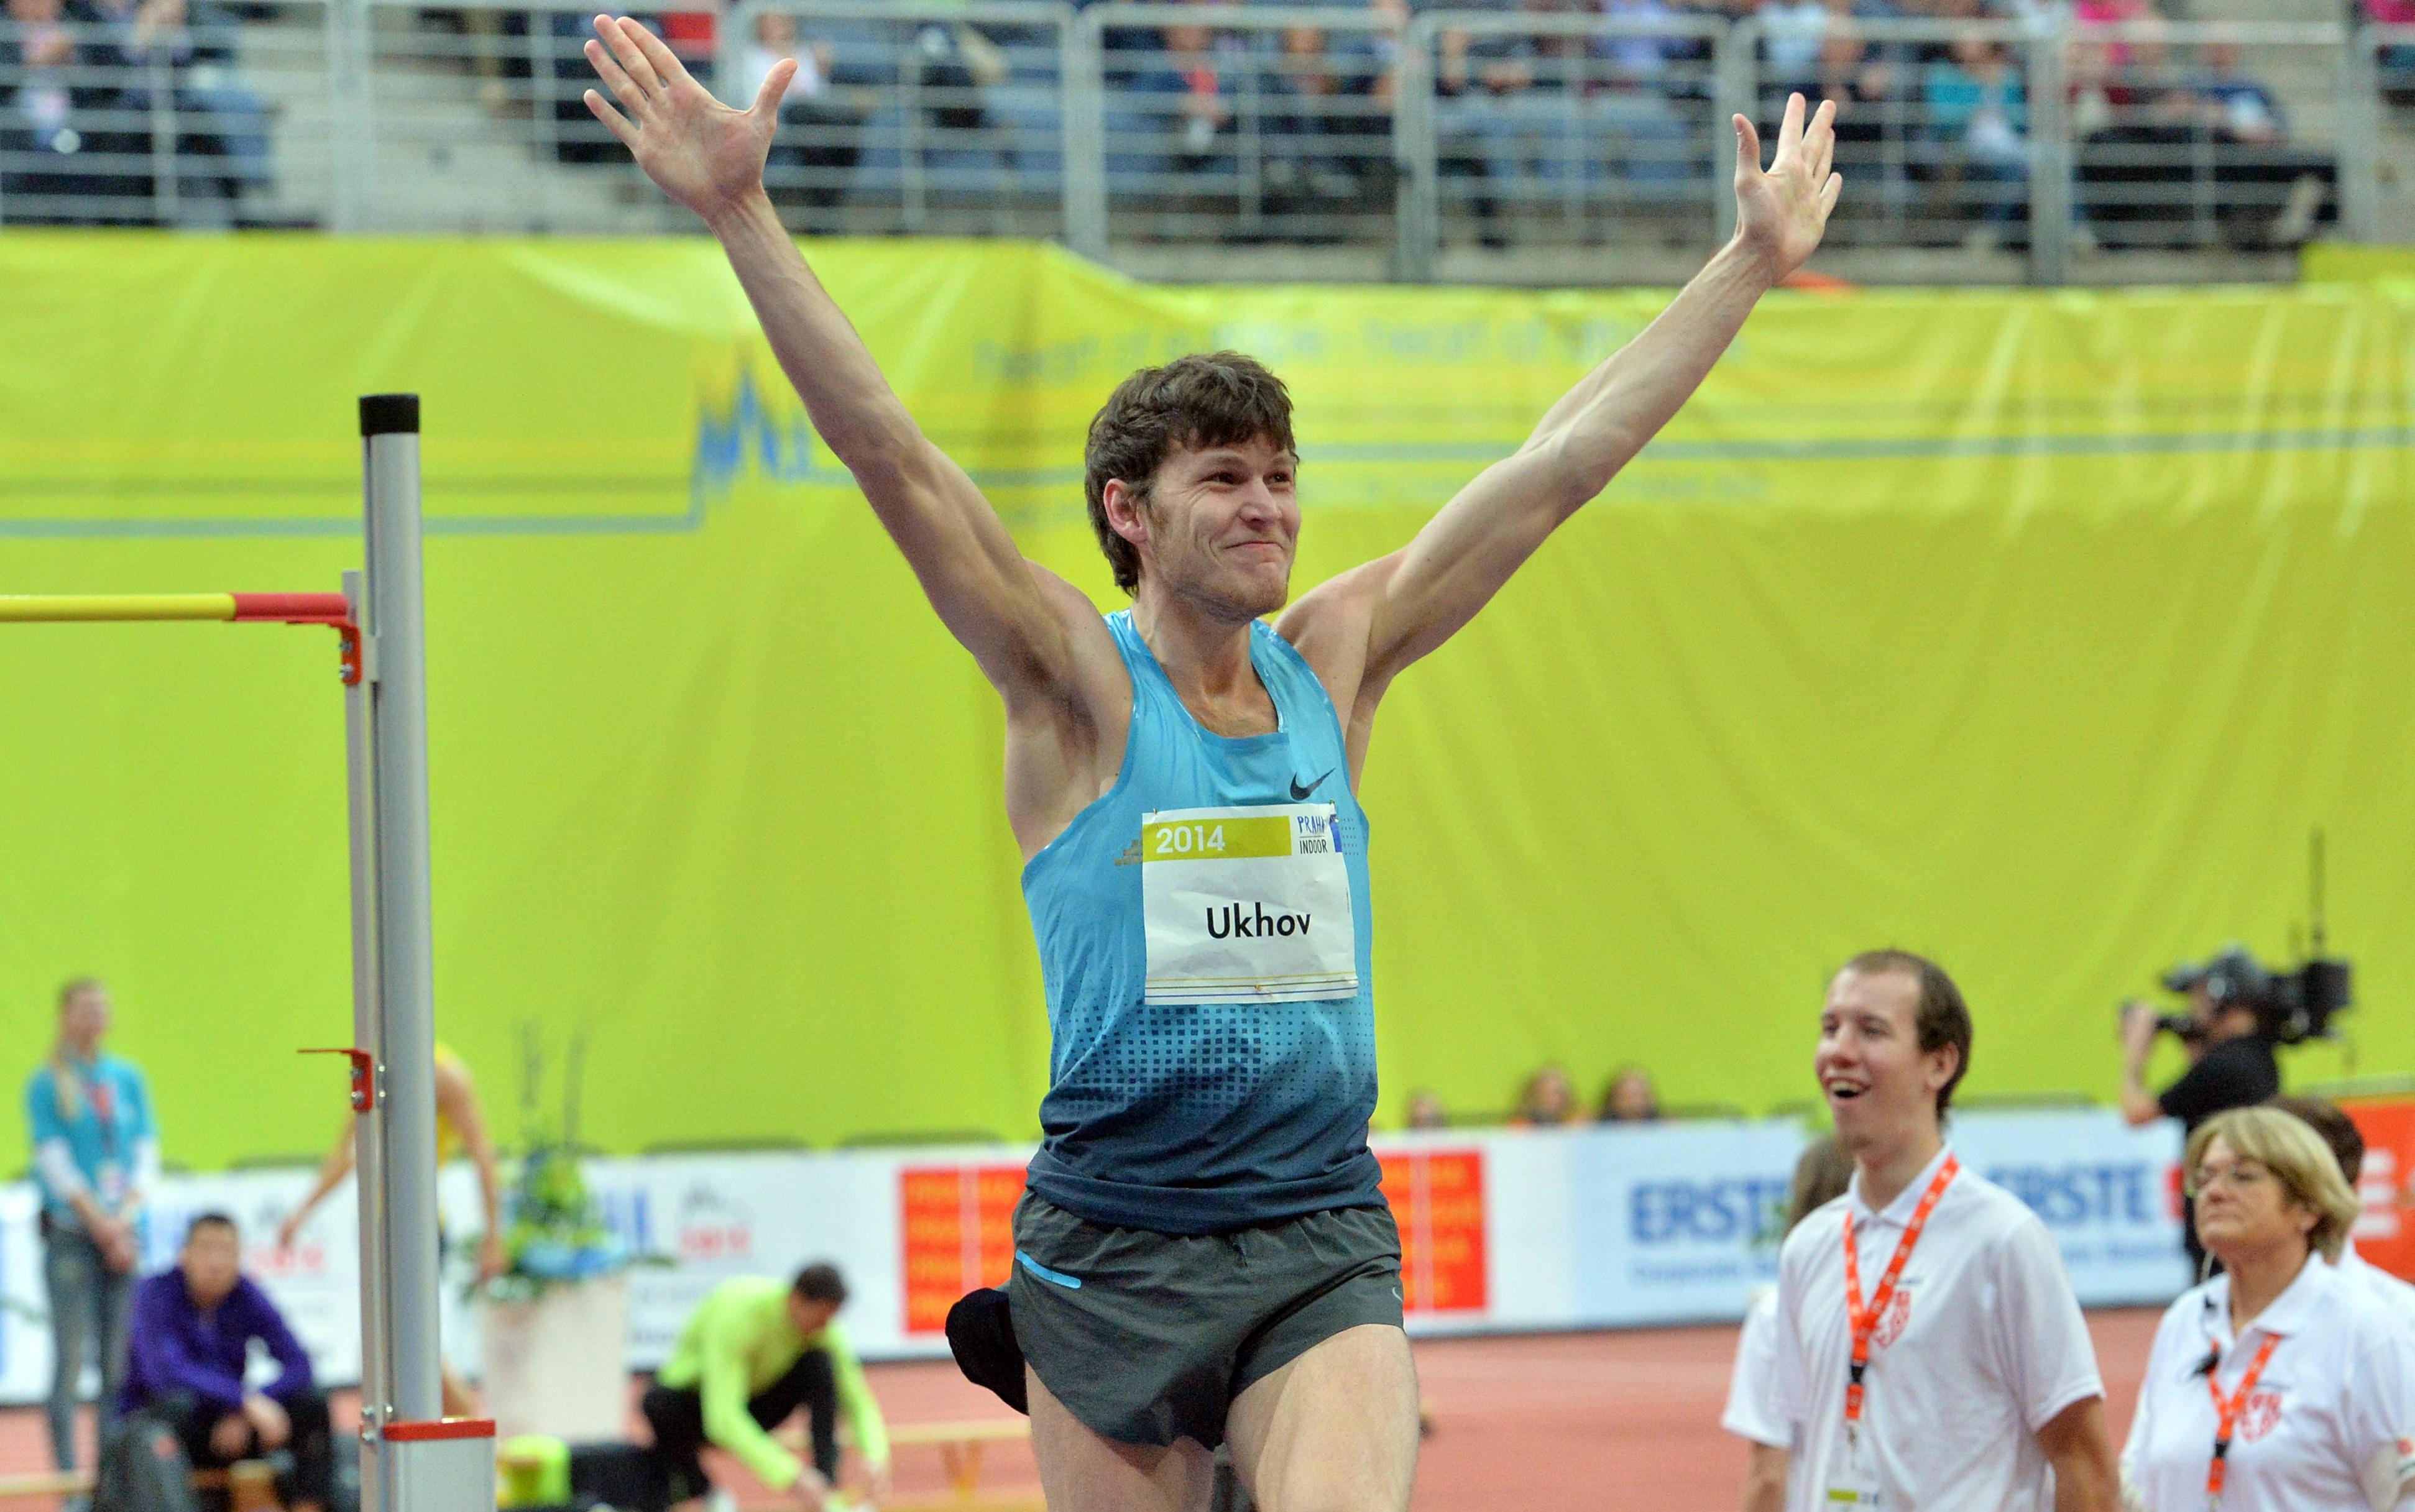 Athlétisme - Dopage : l'athlétisme continue de faire le (grand) ménage